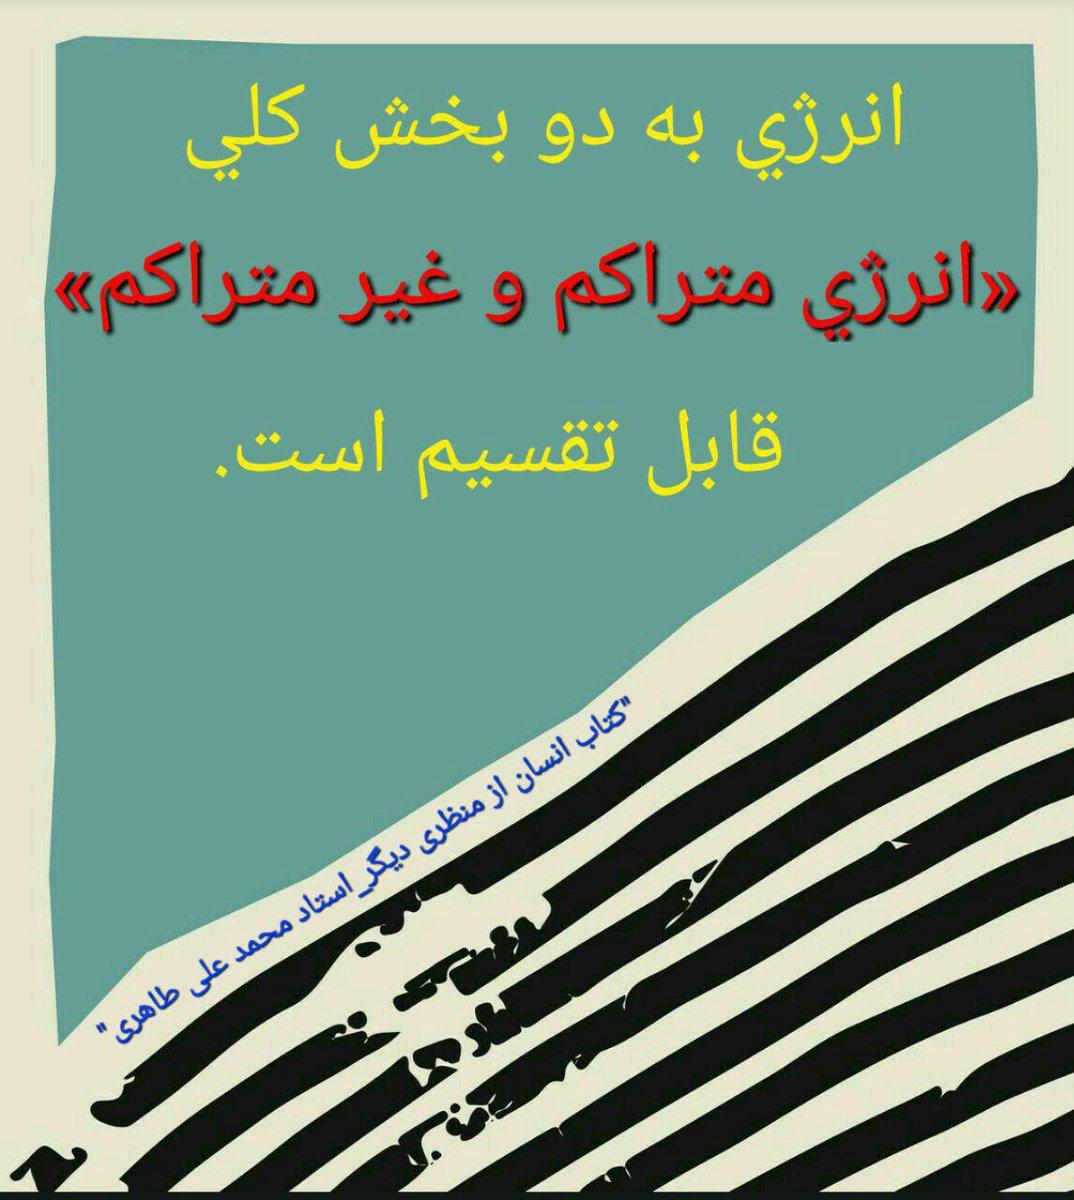 درویشی و عاشقی به هم سلطانیست گنجست غم عشق ولی پنهانیست  ویران کردم بدست خود خانه دل چون دانستم که گنج در ویرانیست #ThursdayThoughts #Poetry #Taheri_Movement